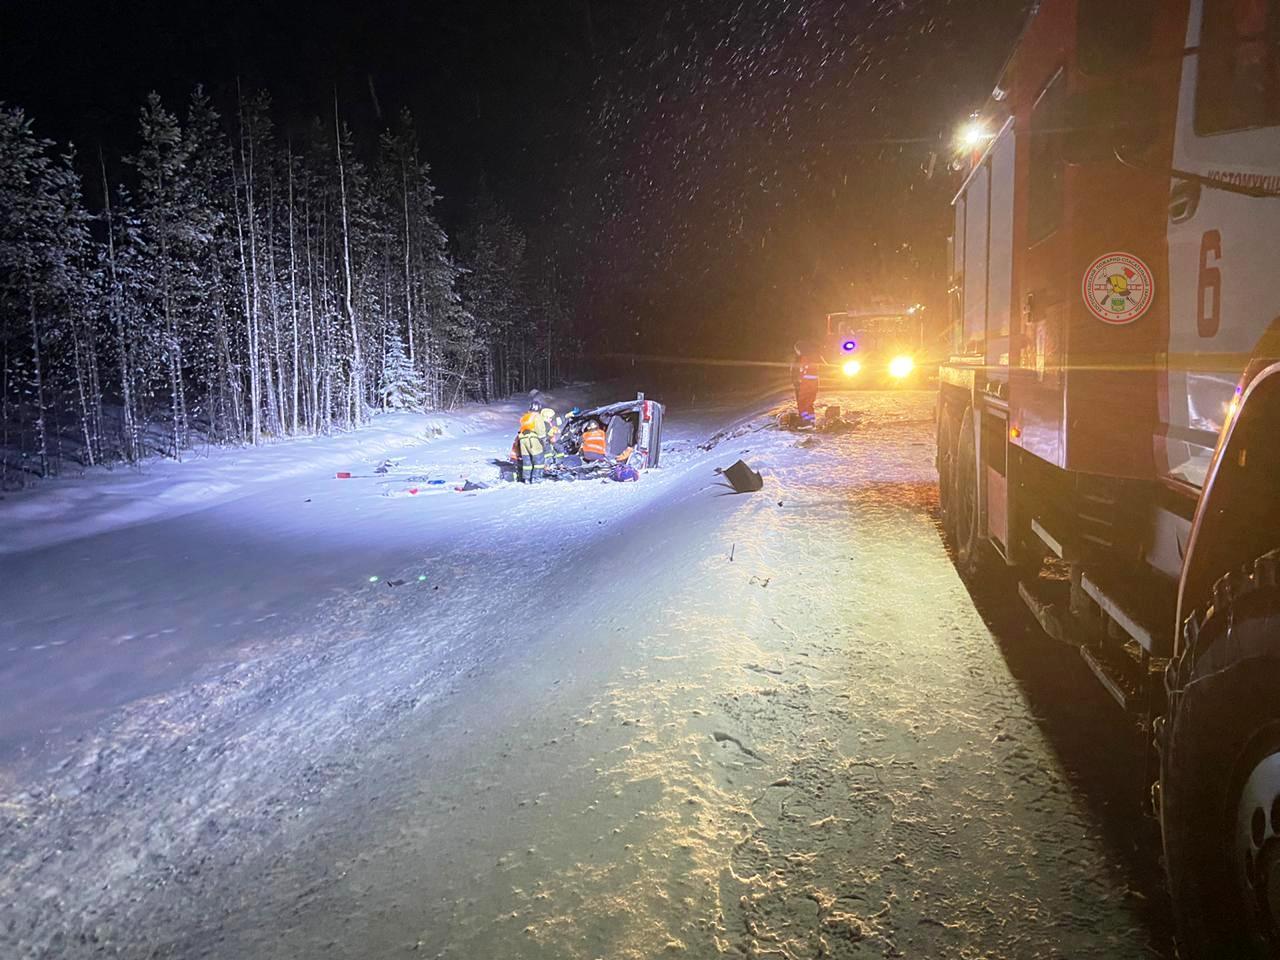 Спасатели опубликовали фото с места смертельной аварии на автодороге А-134 «Кочкома — Госграница»